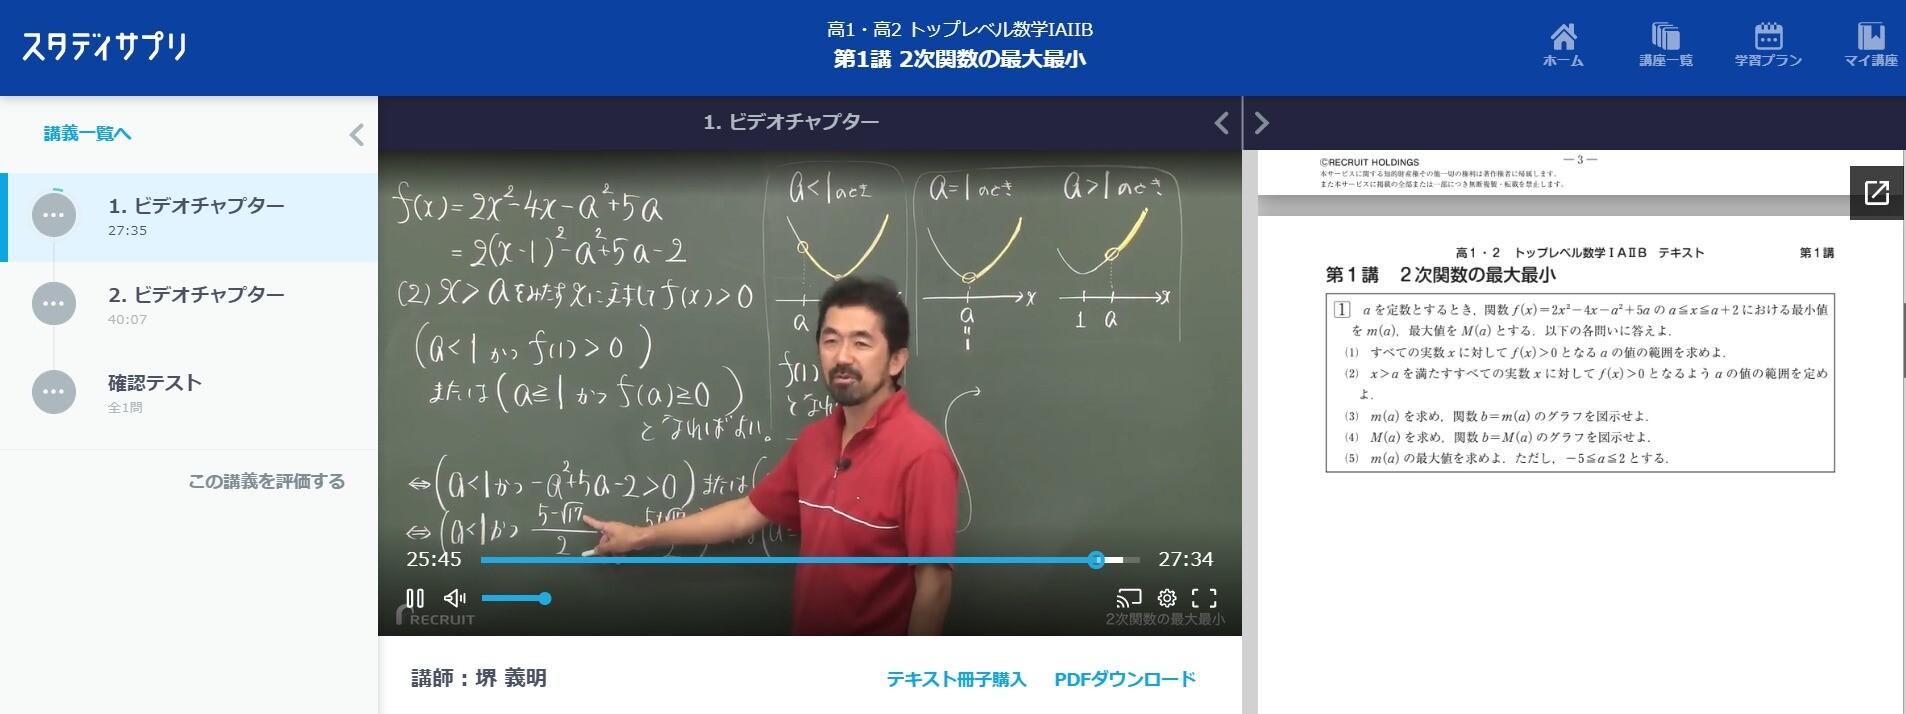 トップレベル数学IAIIBの授業風景